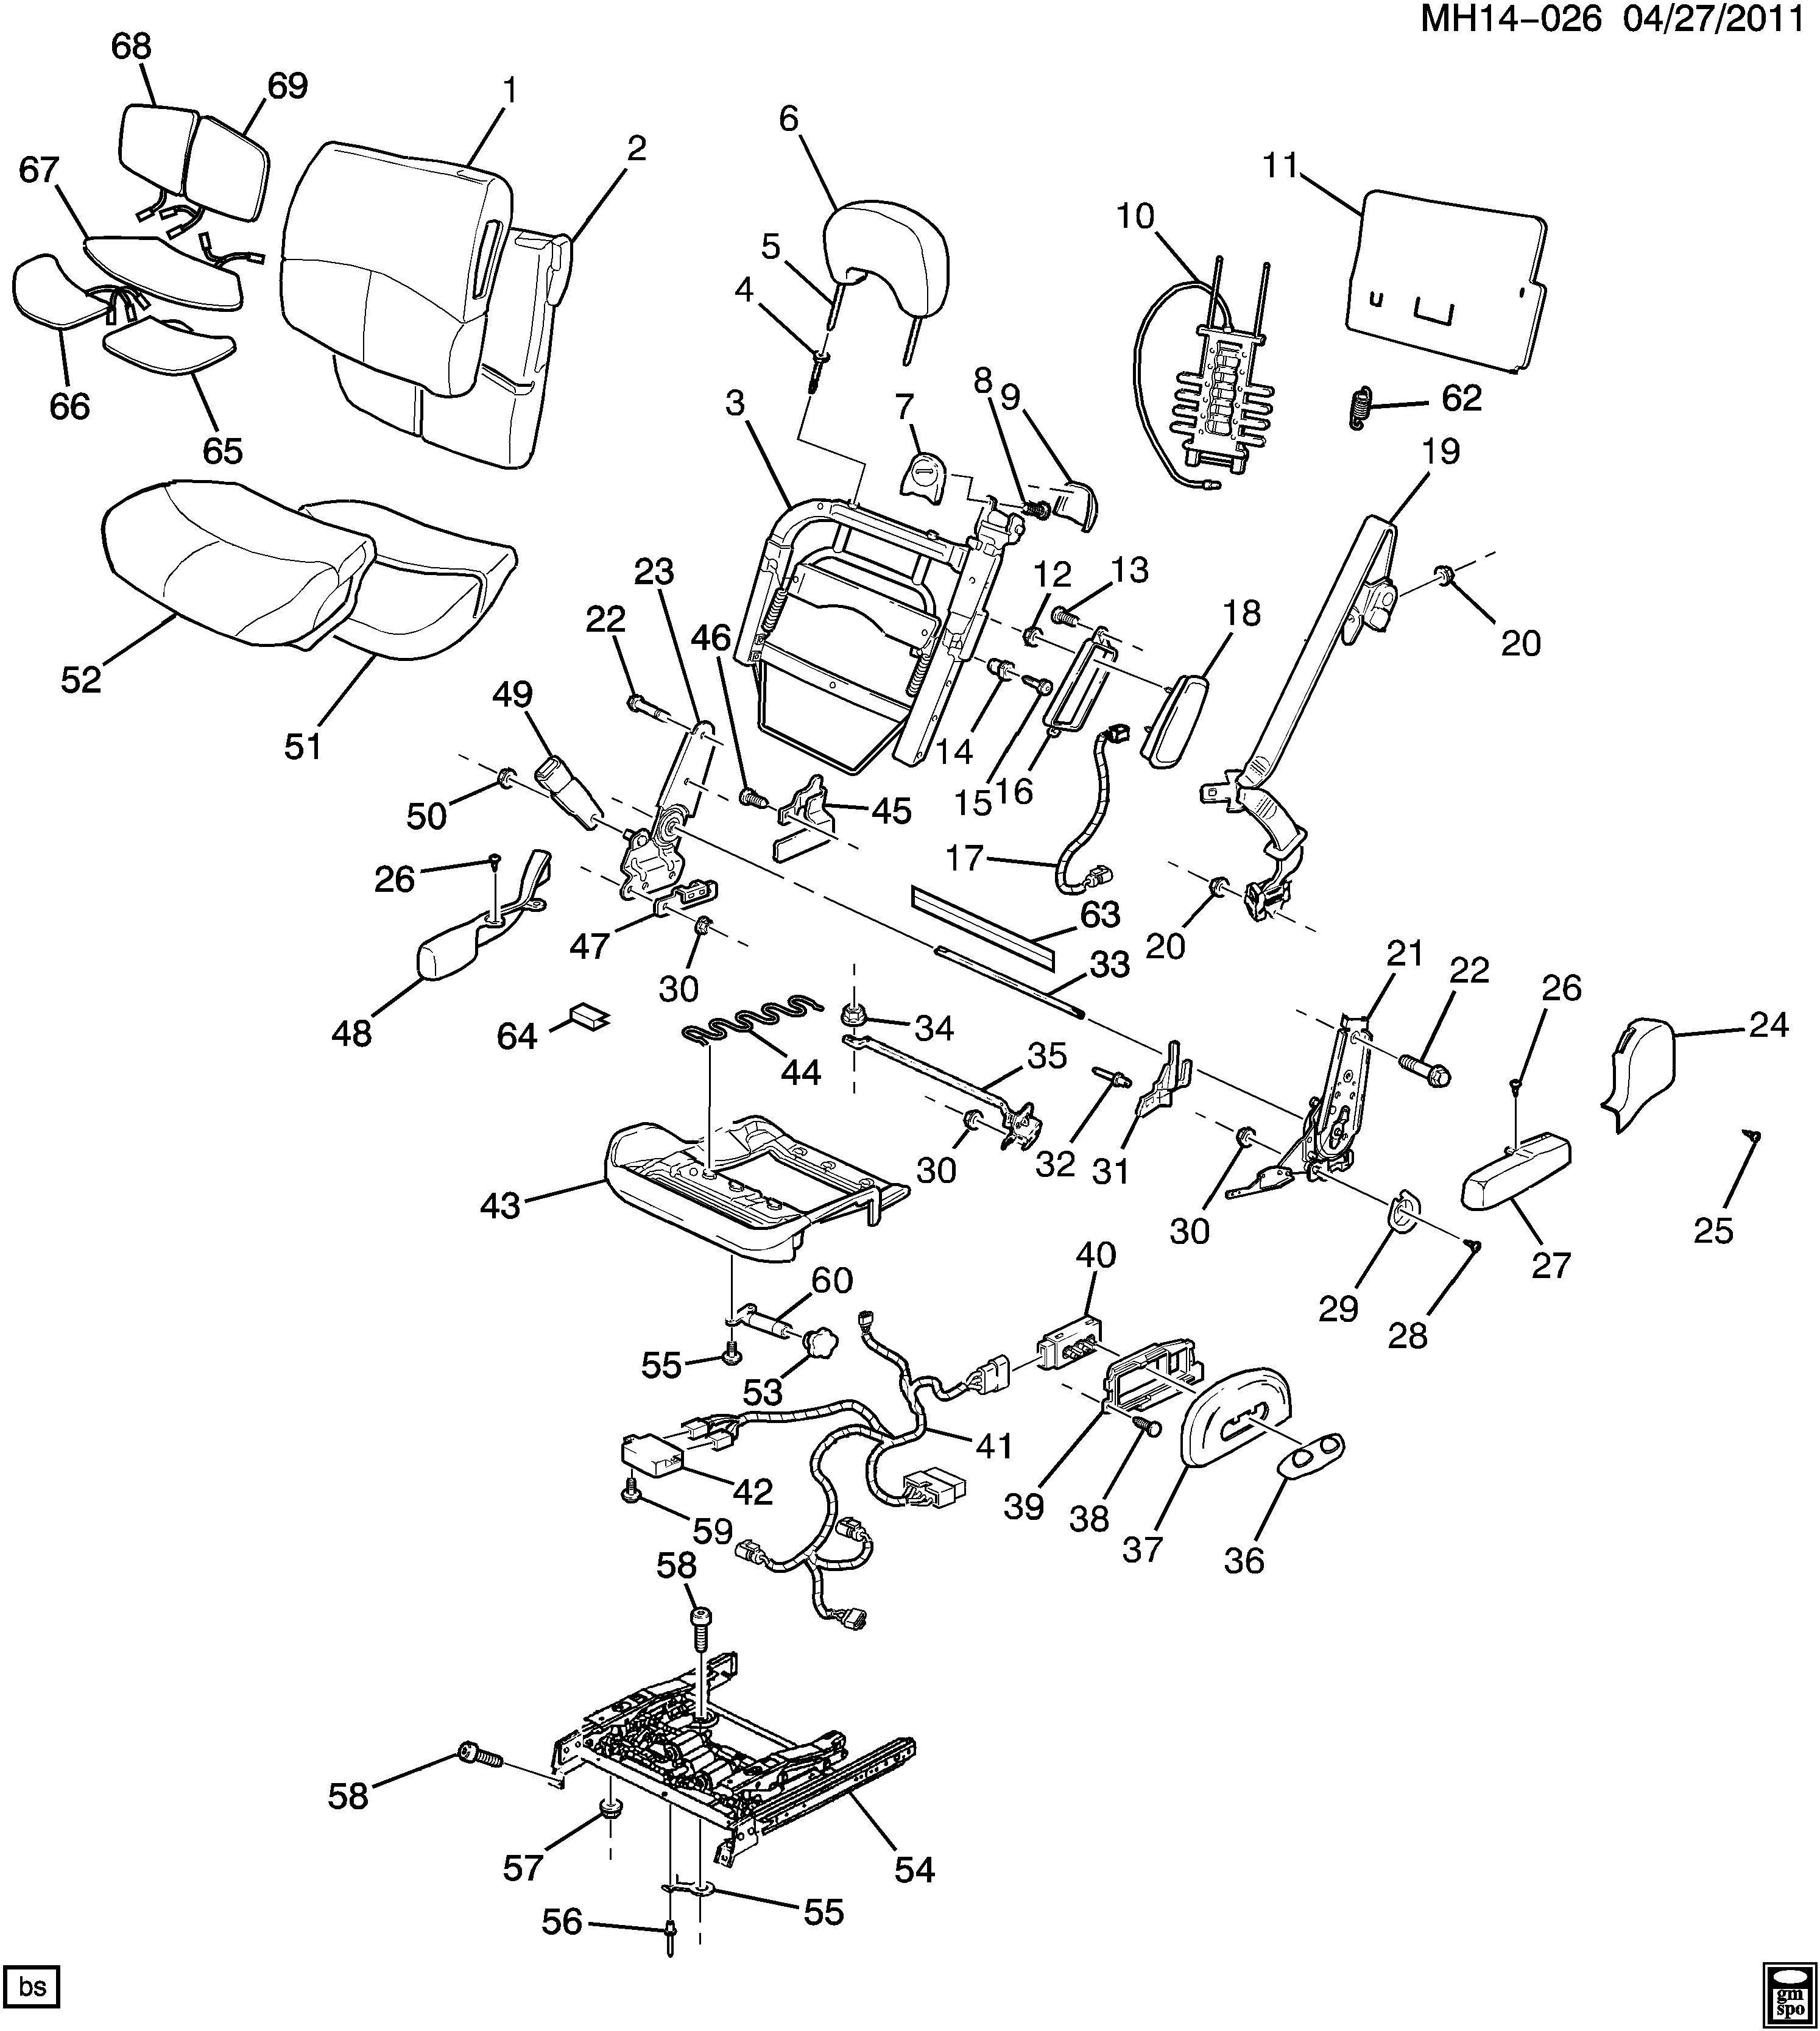 Buick Lesabre Seat Lumbar Support Cushion